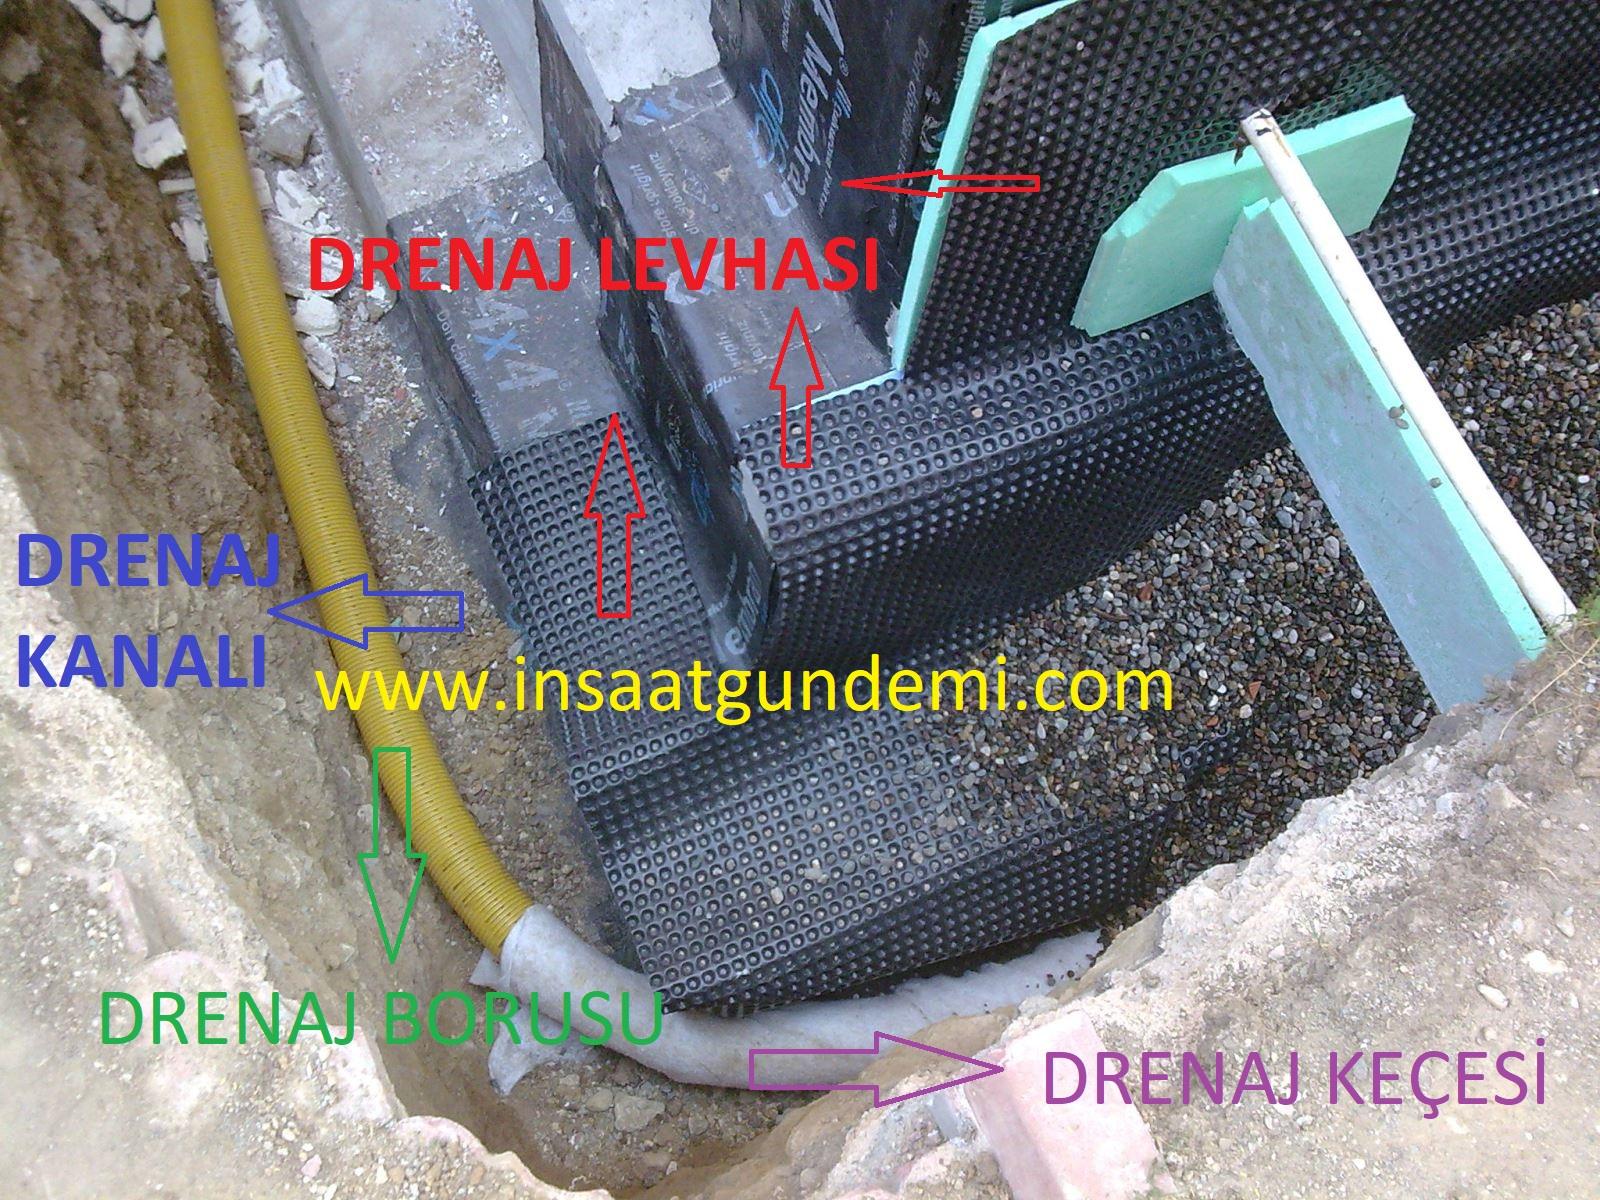 drenaj nasıl yapılır